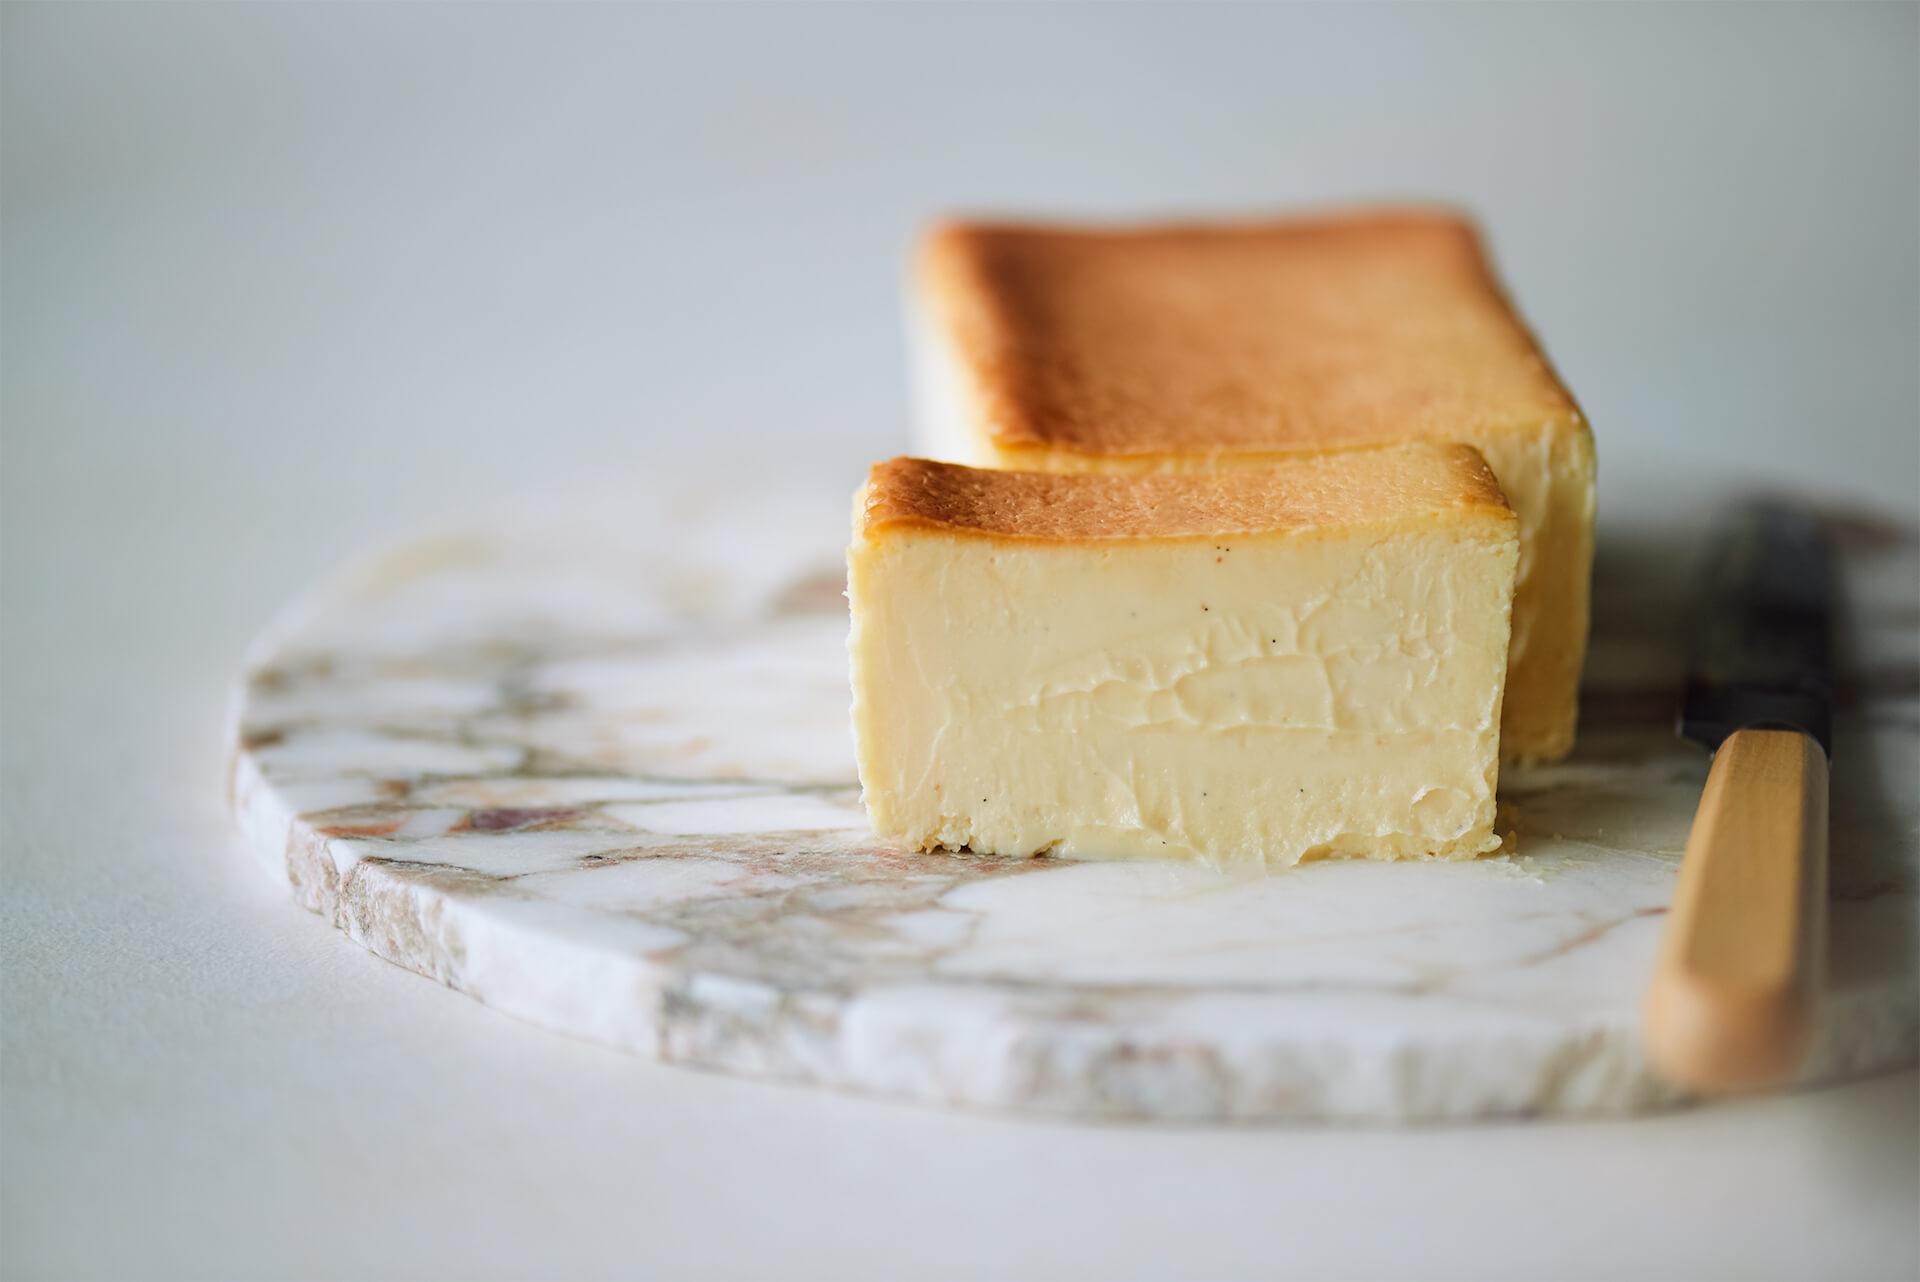 極上のチーズケーキがあなたの街にやってくる!Mr. CHEESECAKEのポップアップストアが全国8ヶ所でオープン gourmet210915_mrcheesecake_1